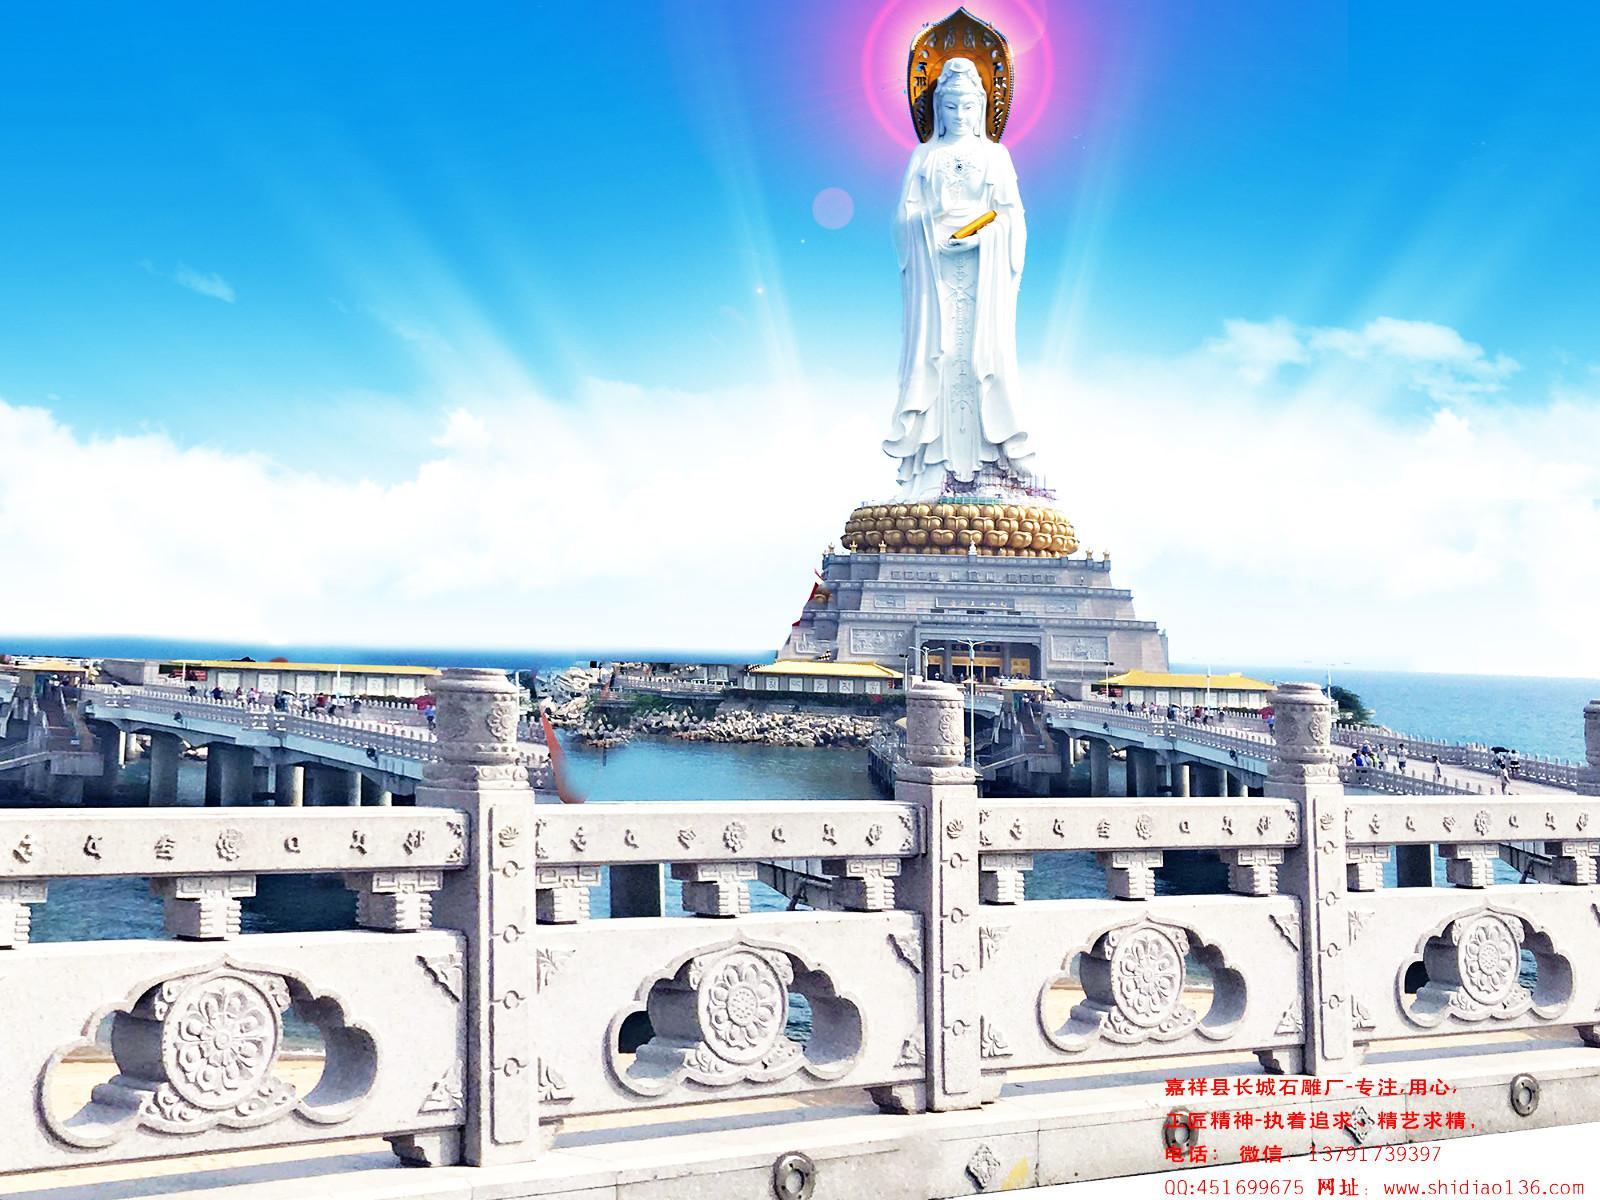 南海108米三面观音广场的桥面石栏杆